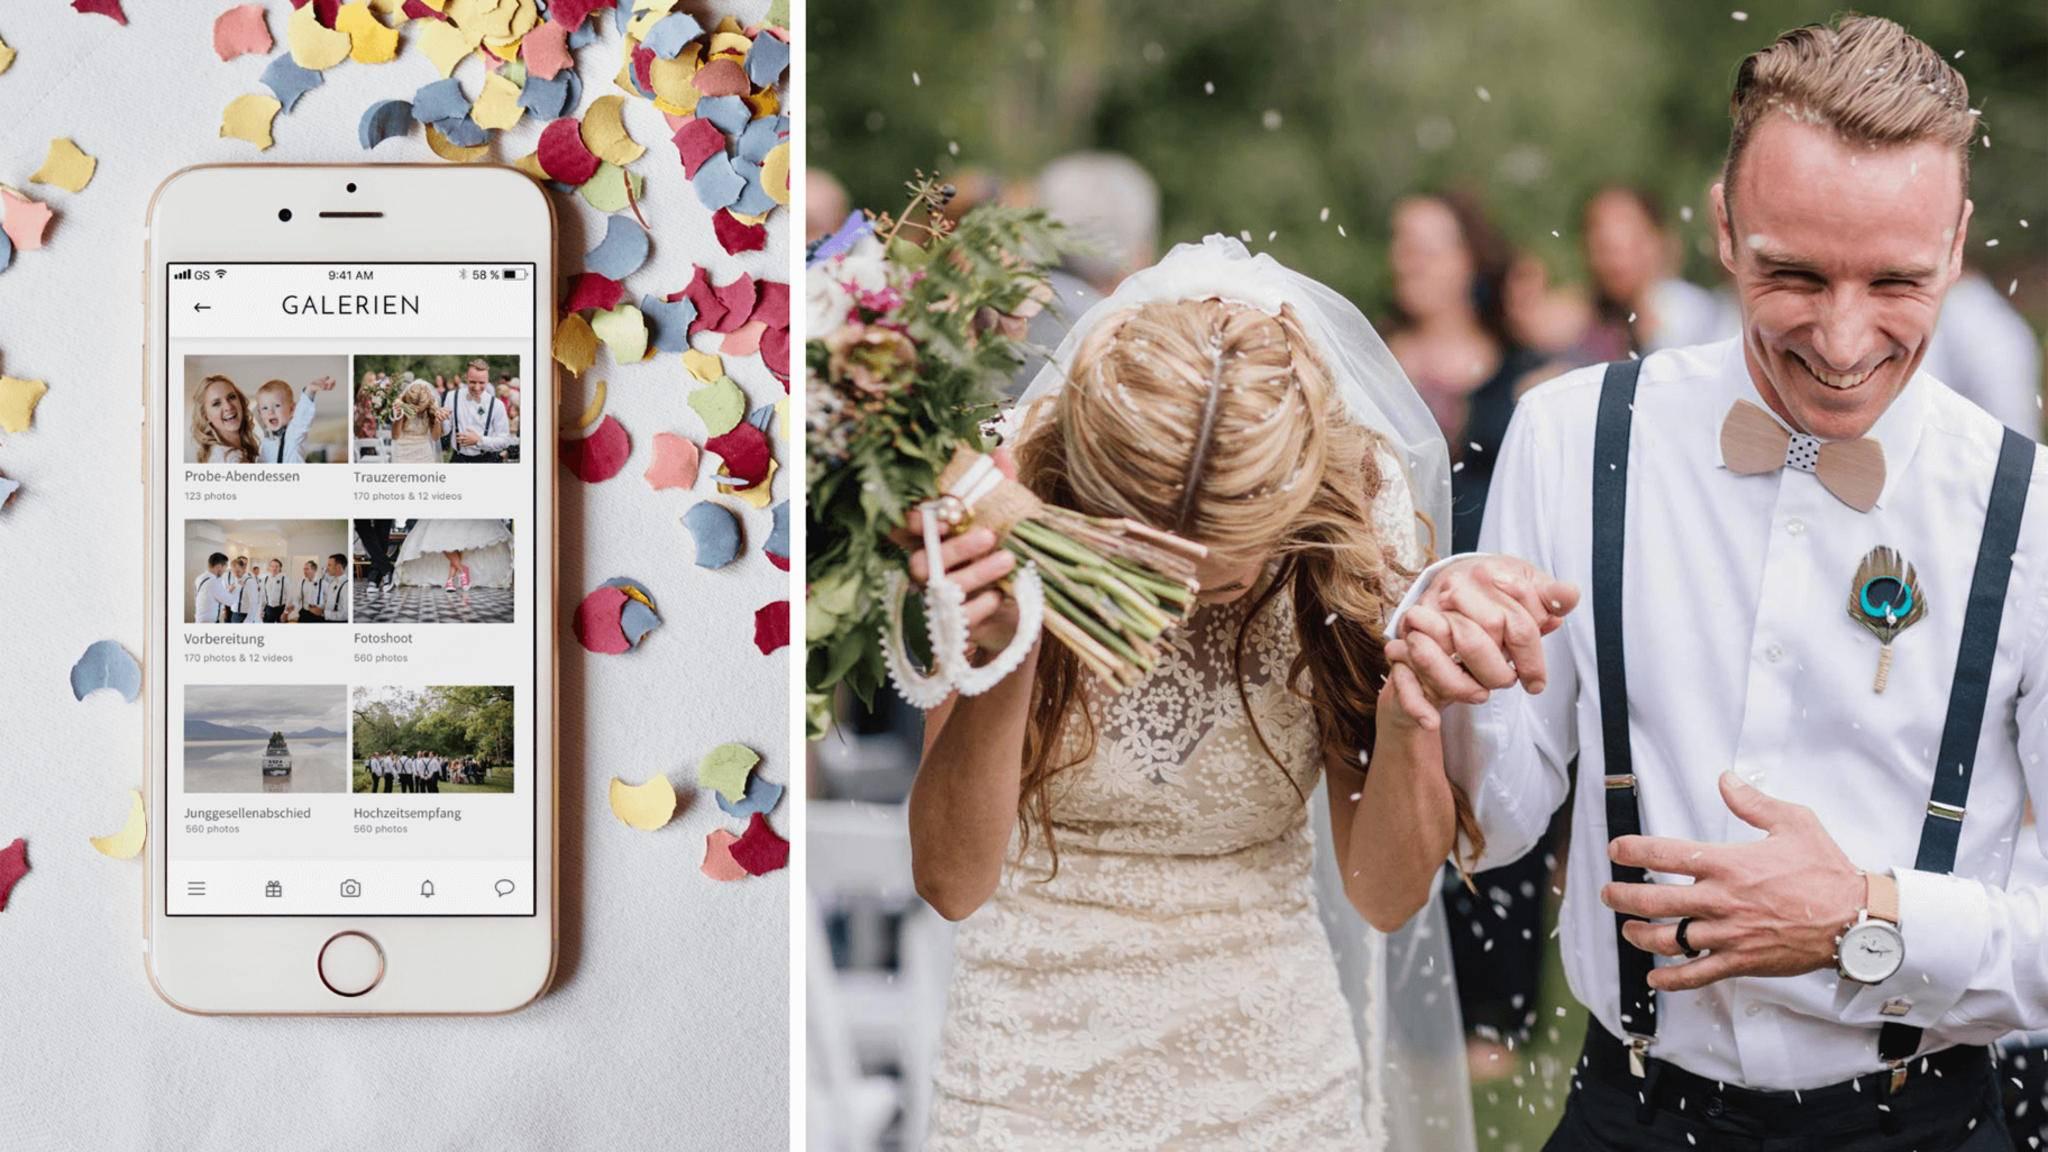 Hochzeits-Apps wie Vanolia können dem Paar viel Arbeit abnehmen.